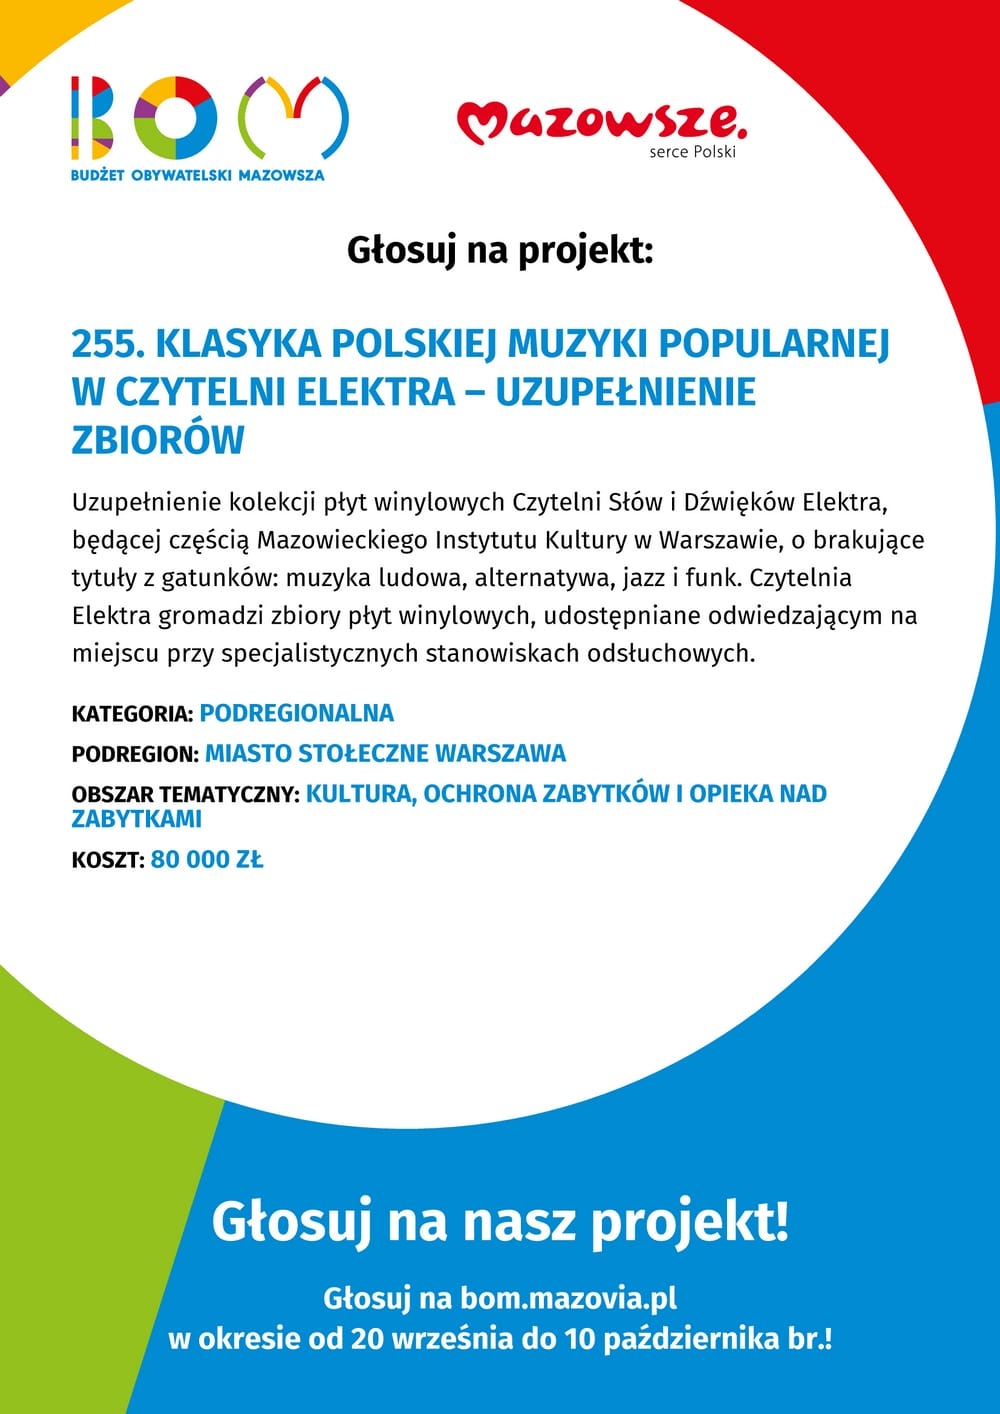 plakat z napisem budżet obywatelski mazowsza